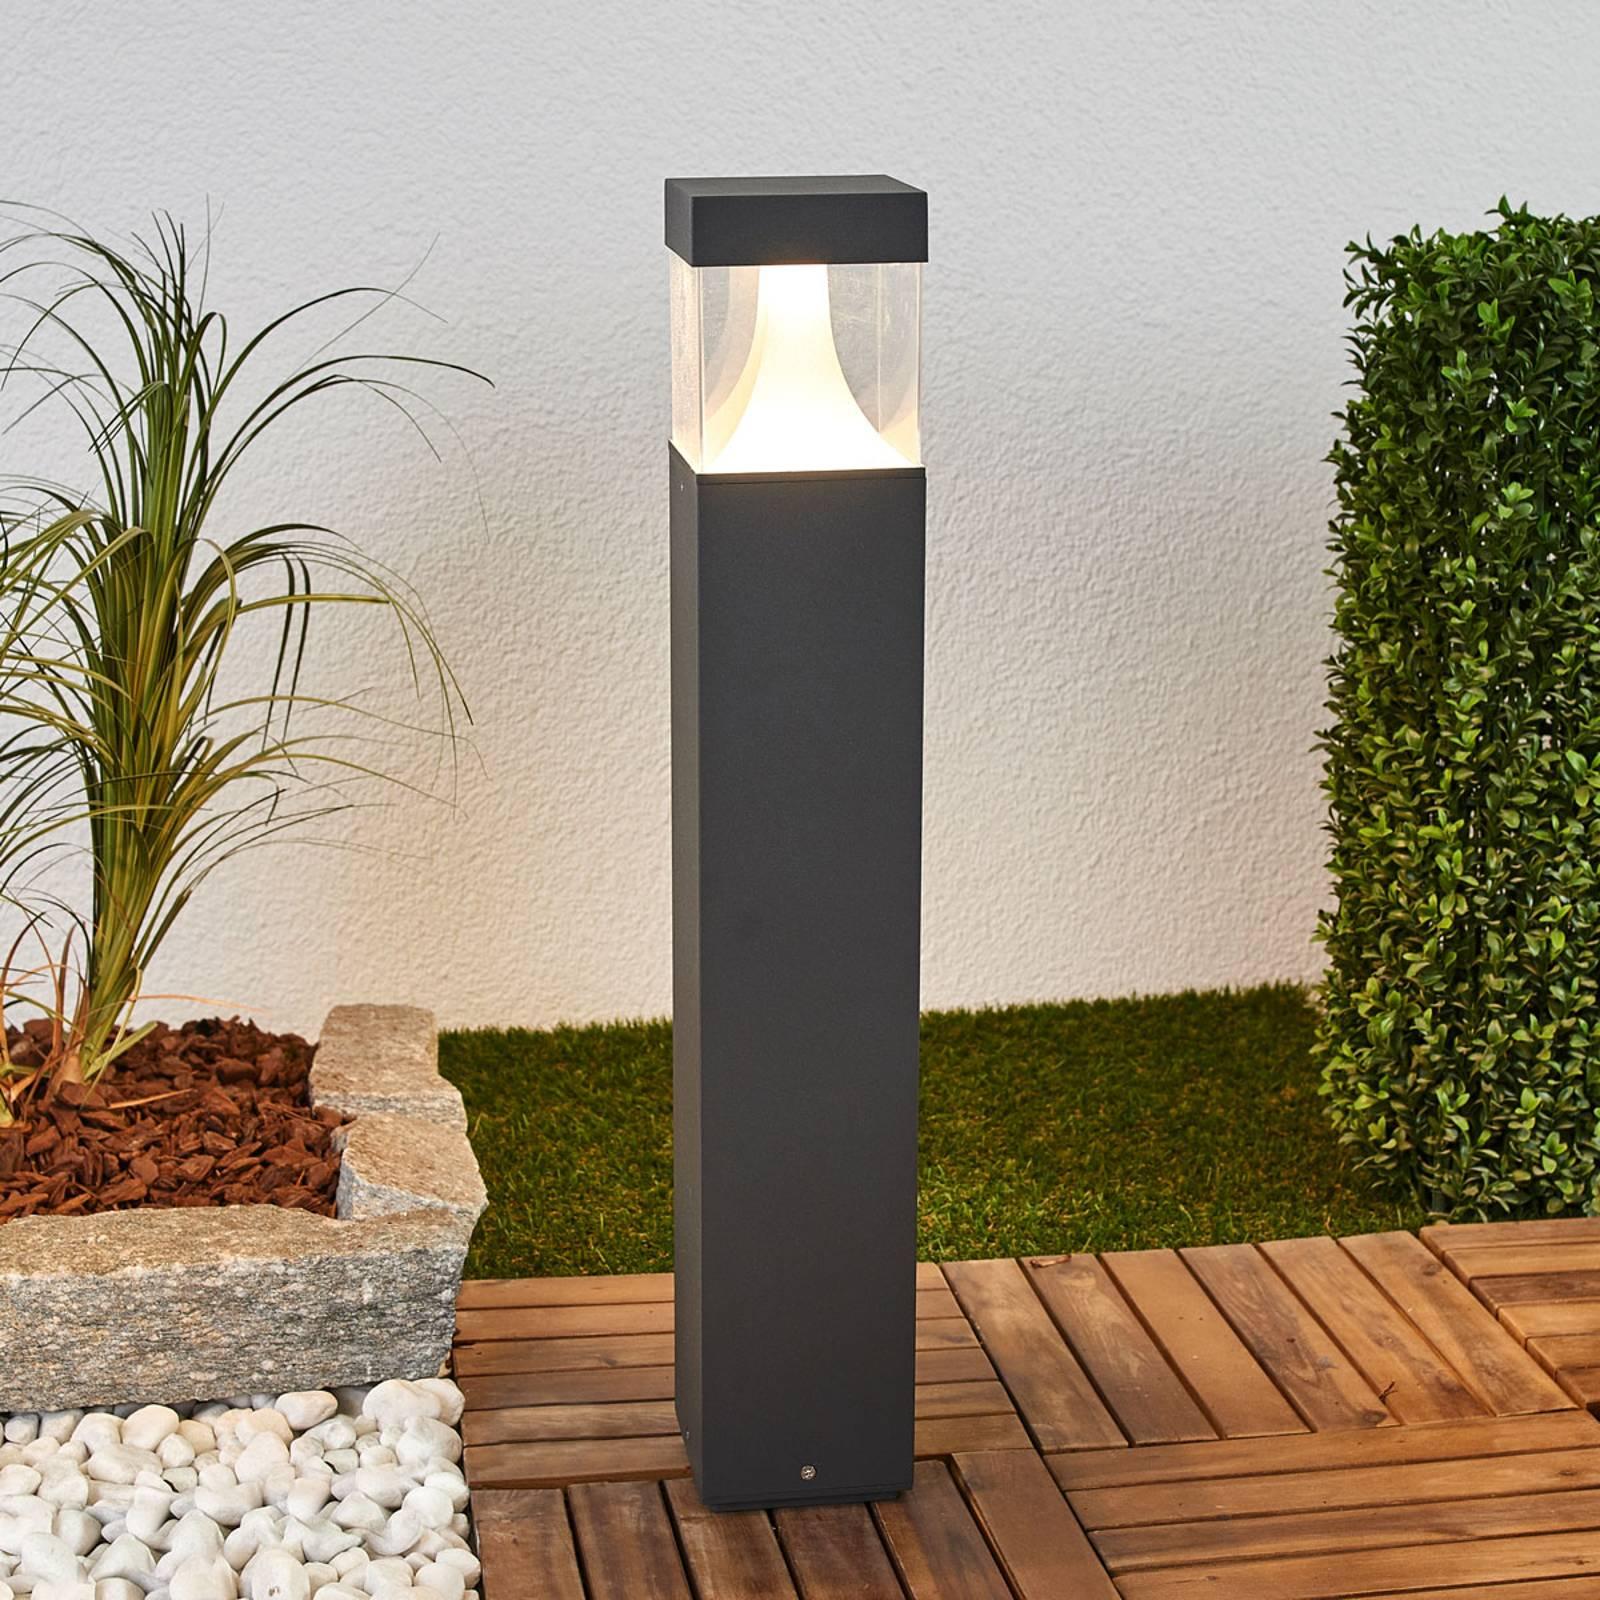 au enbeleuchtung und weitere lampen g nstig online kaufen bei i love. Black Bedroom Furniture Sets. Home Design Ideas